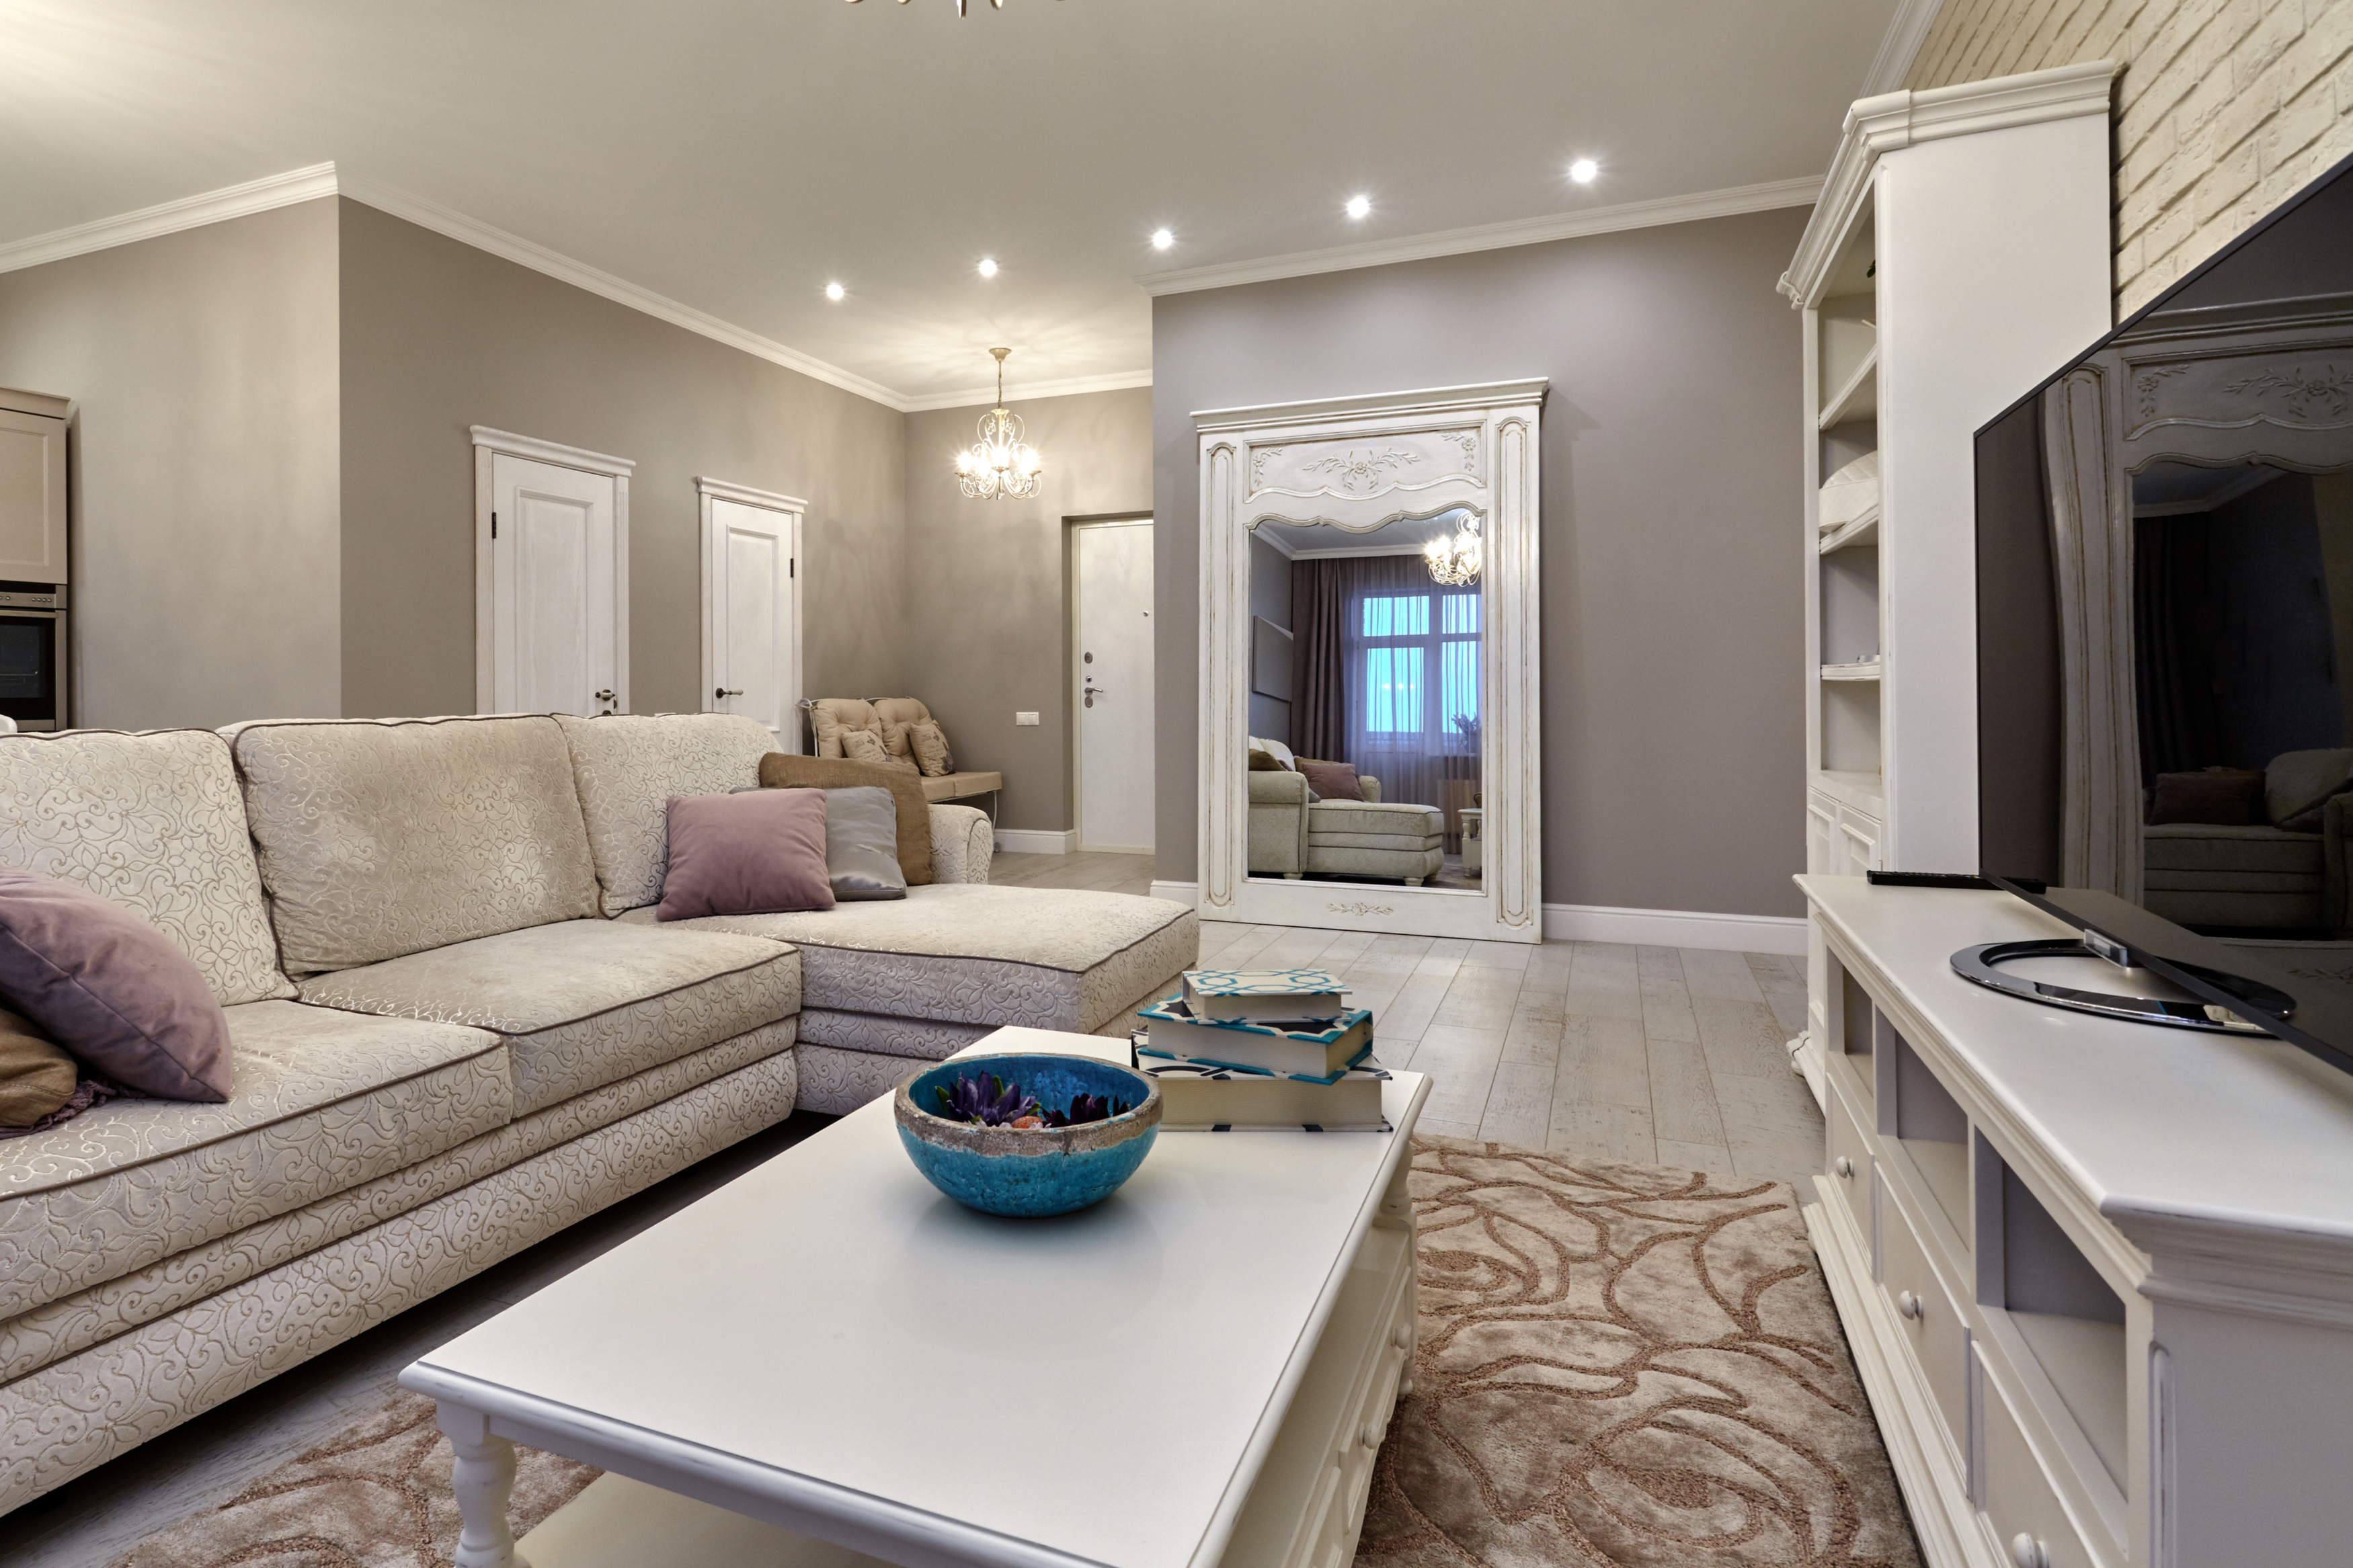 Sala de estar guia de medidas ajuda a deixar a sua bonita for Sala de estar funcional